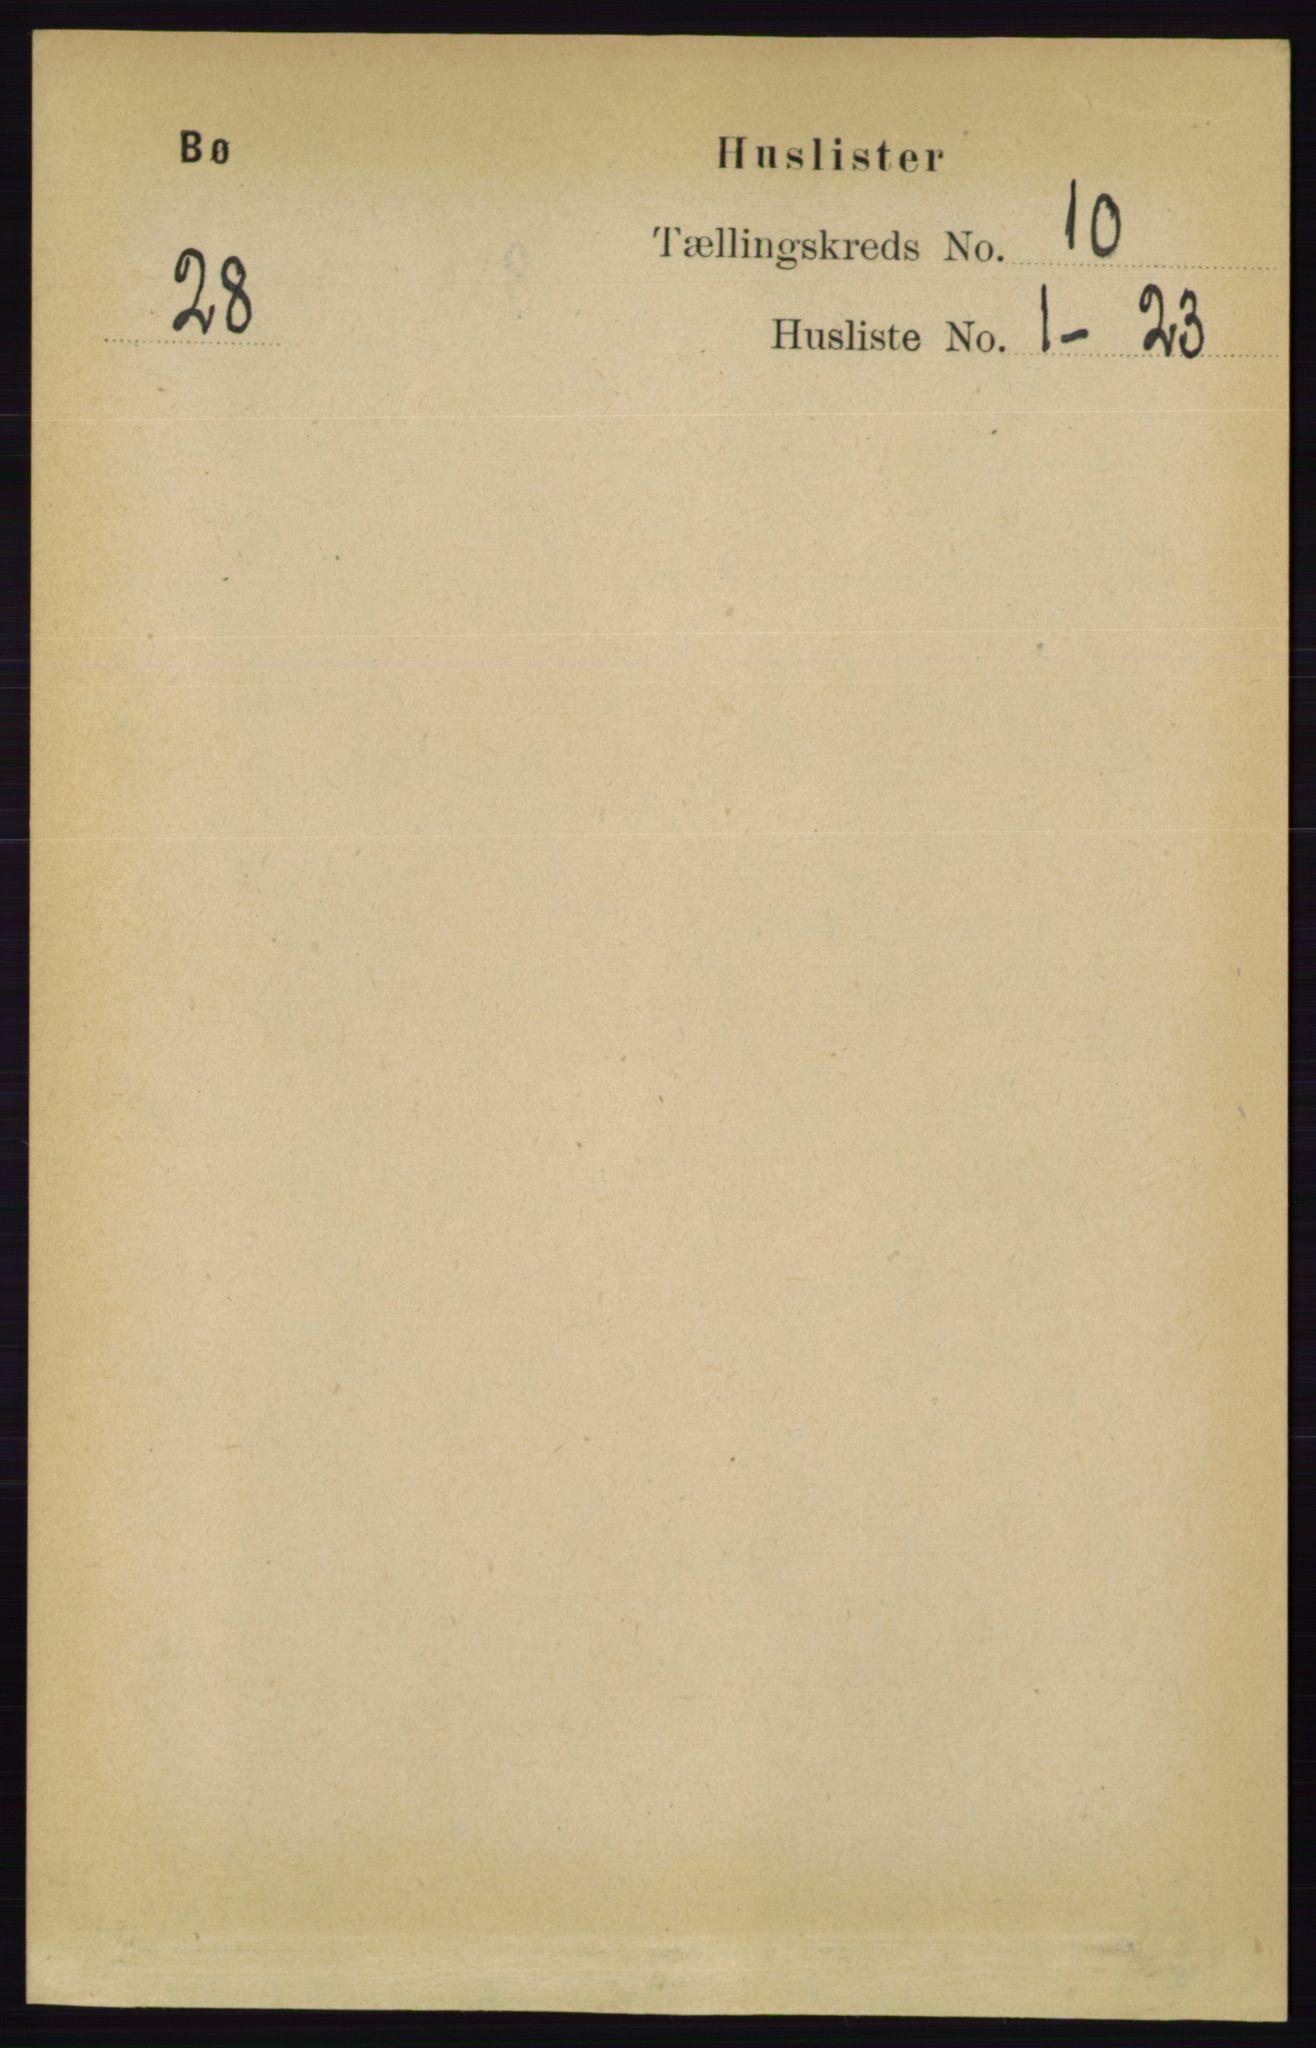 RA, Folketelling 1891 for 0821 Bø herred, 1891, s. 3160